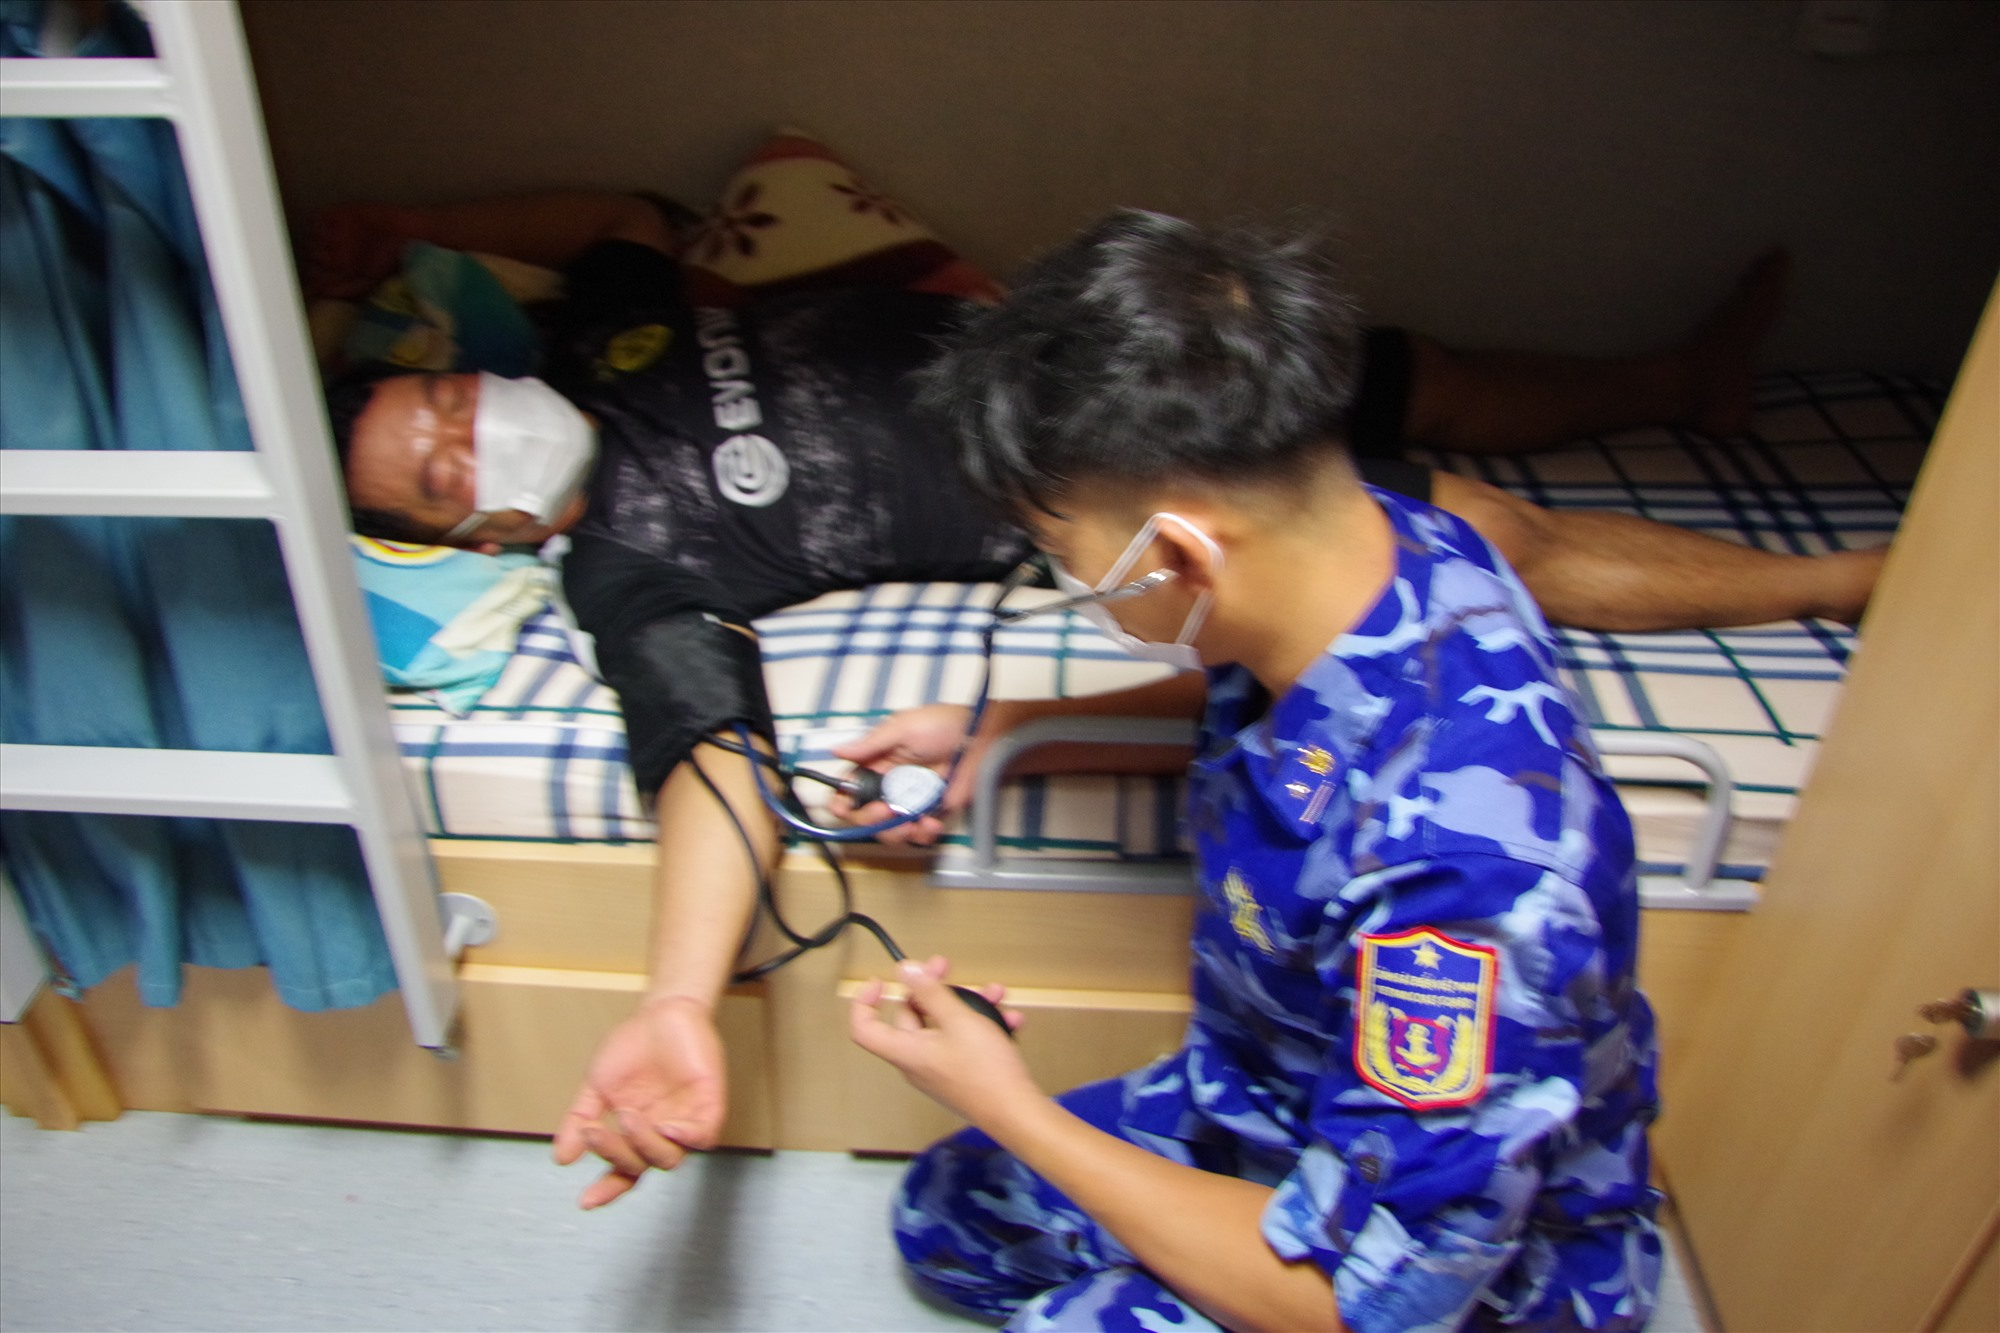 Ngư dân được chăm sóc y tế ngay khi lên tàu. Ảnh: N.T